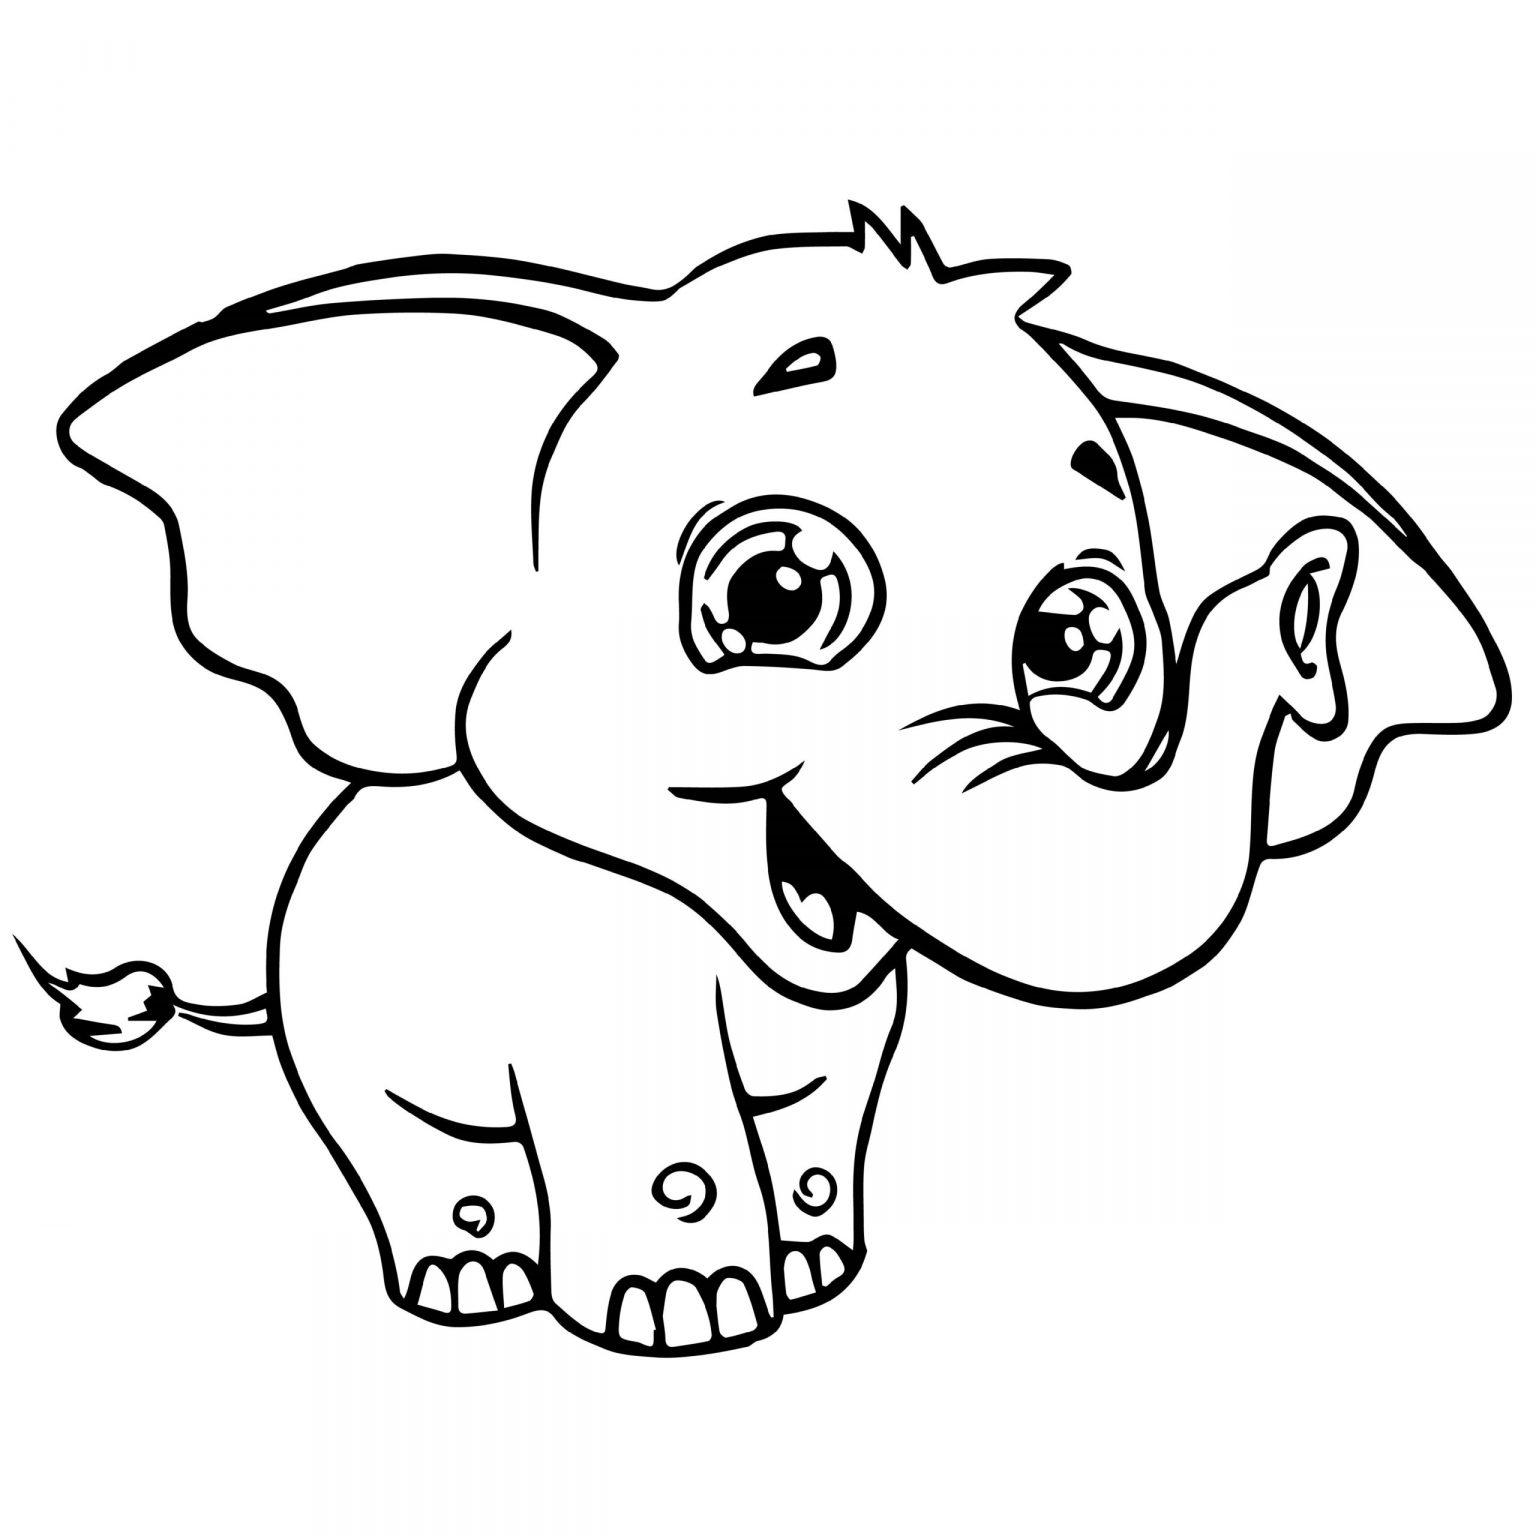 Tổng hợp các bức tranh tô màu con voi được nhiều bé yêu thích